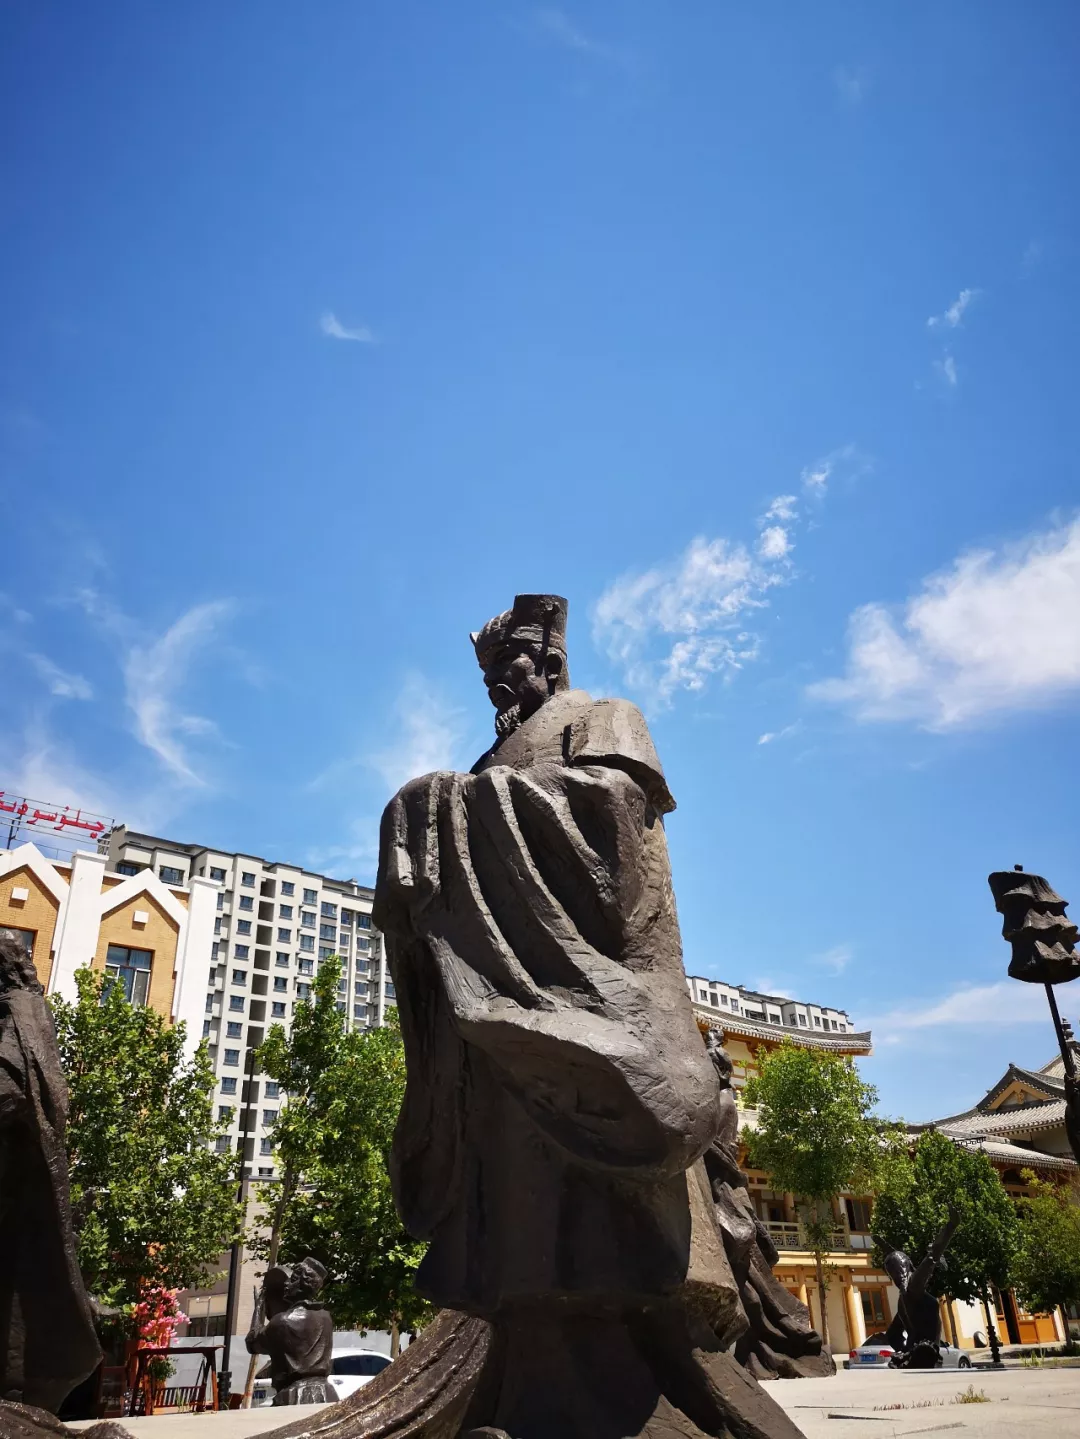 伊犁丝绸之路文化旅游城:民族文化和薰衣草文化专题博物馆